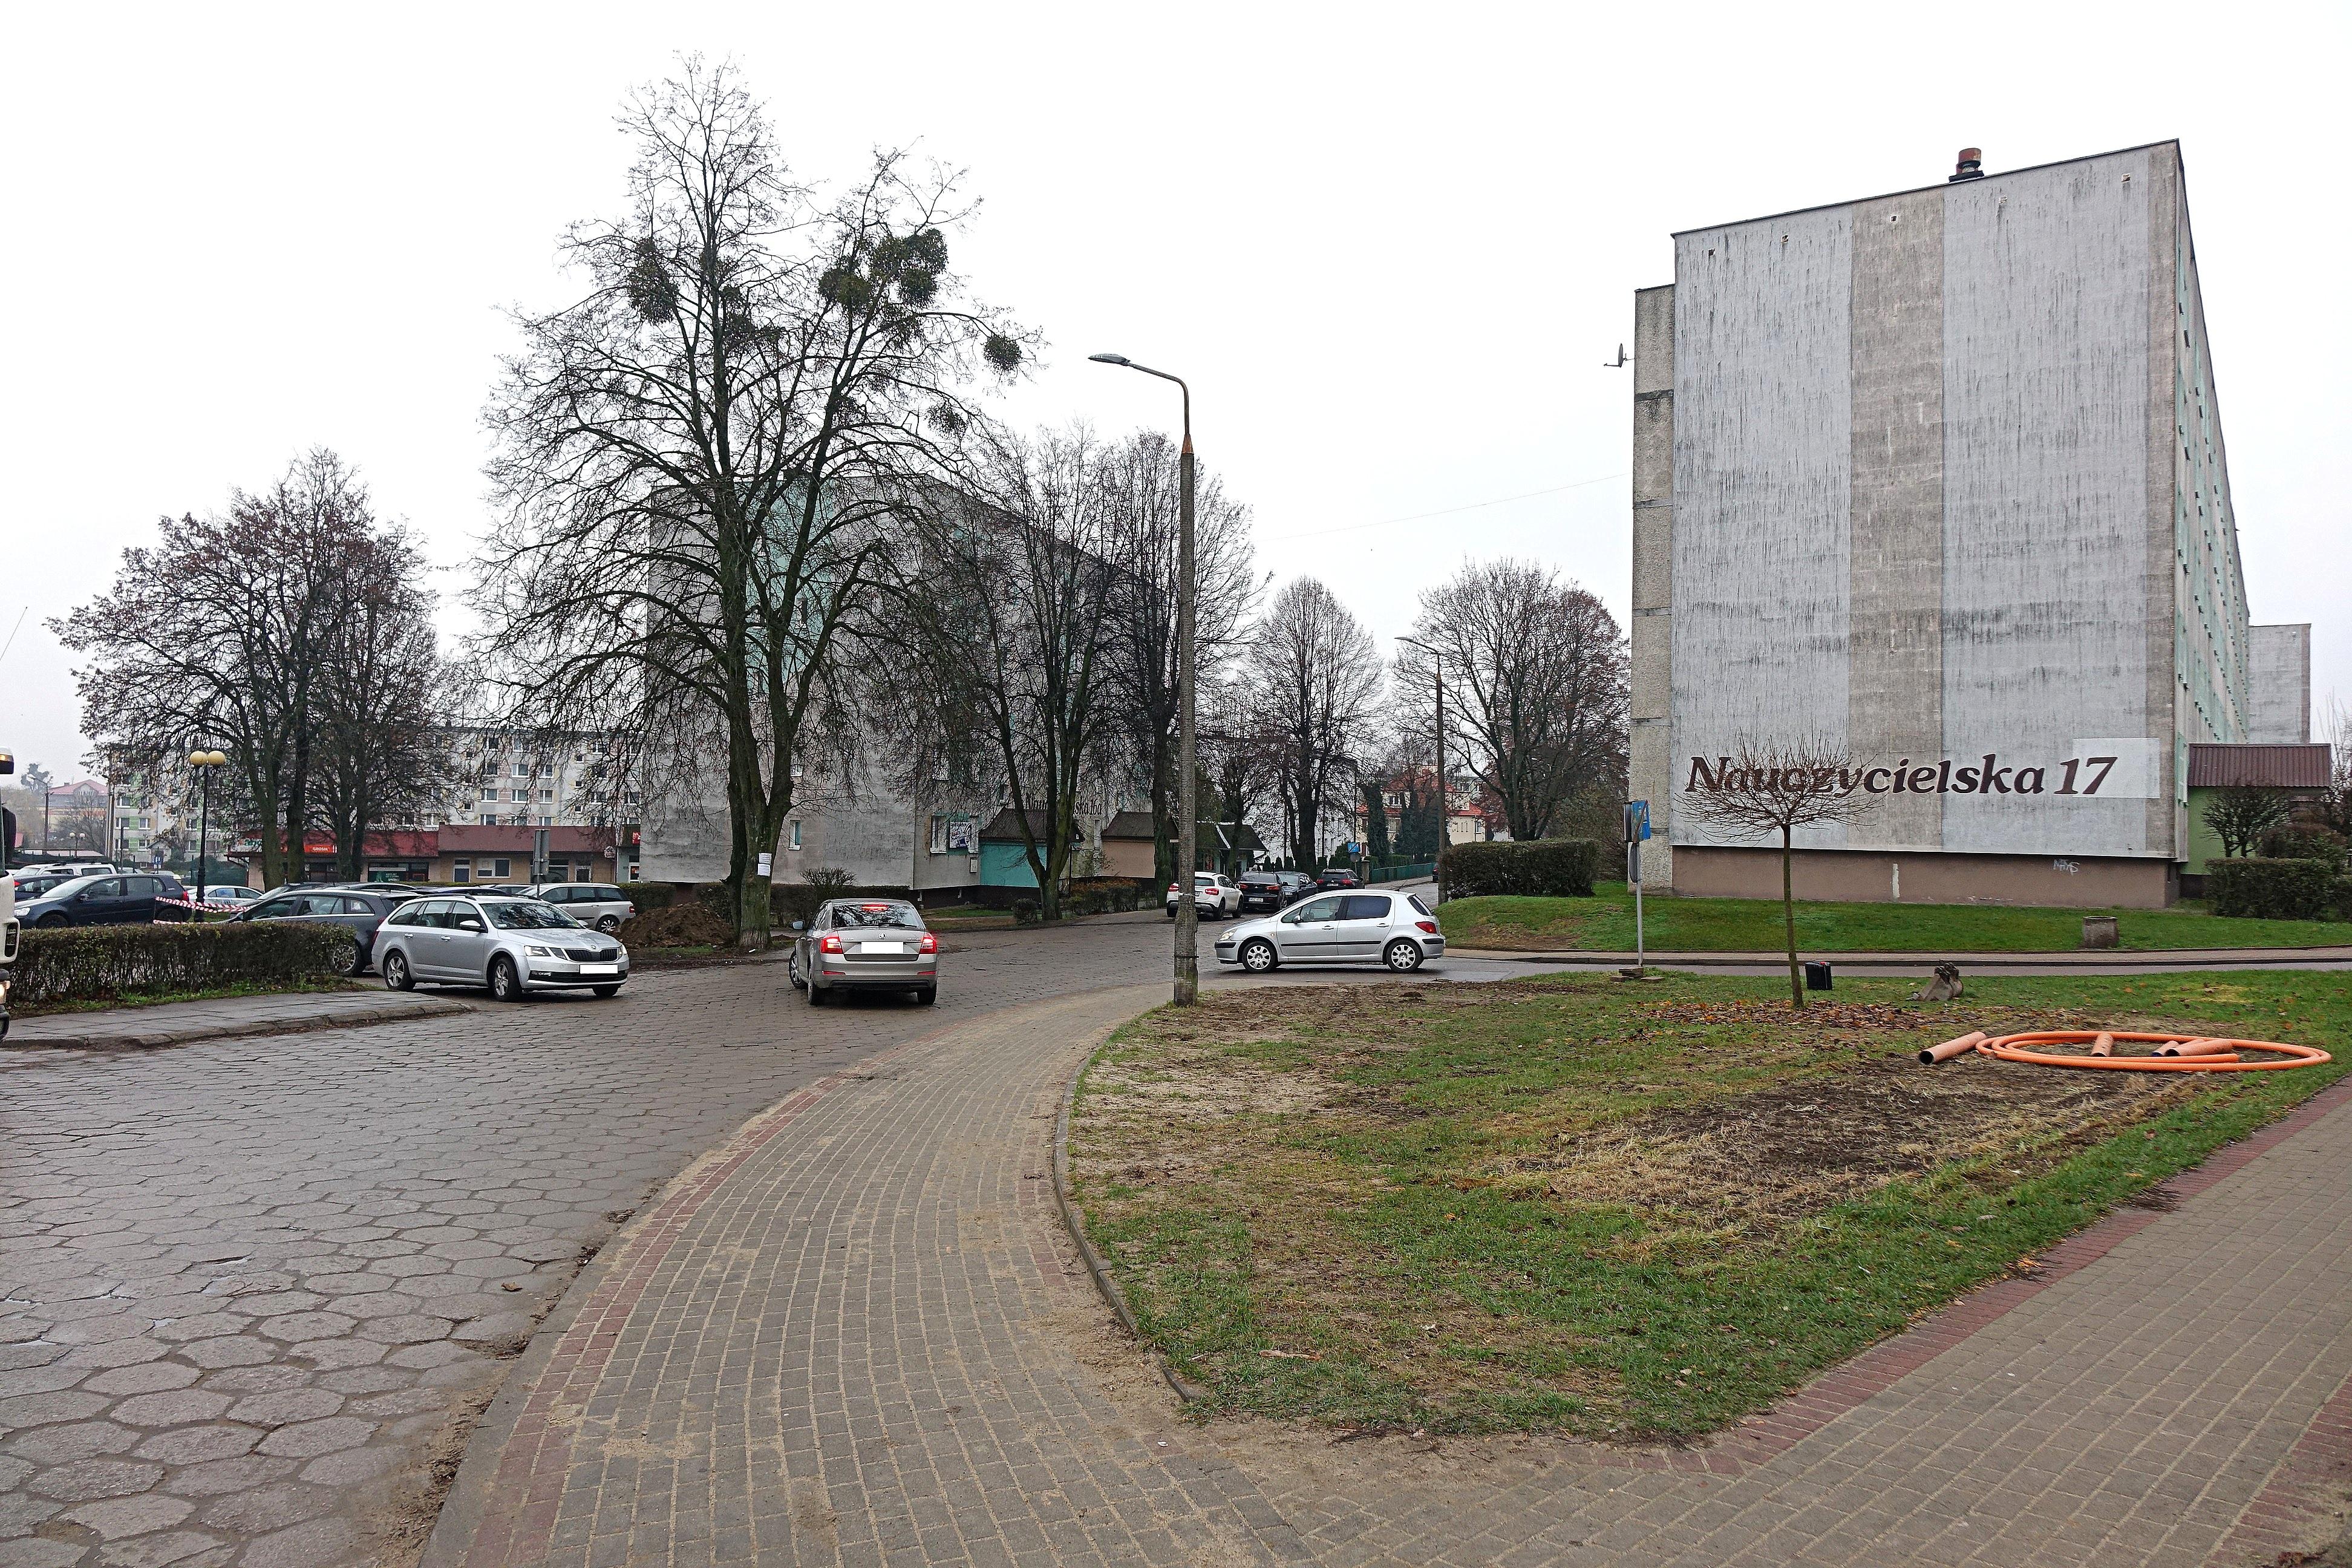 https://m.powiatszczycienski.pl/2020/01/orig/1p-27538.jpg